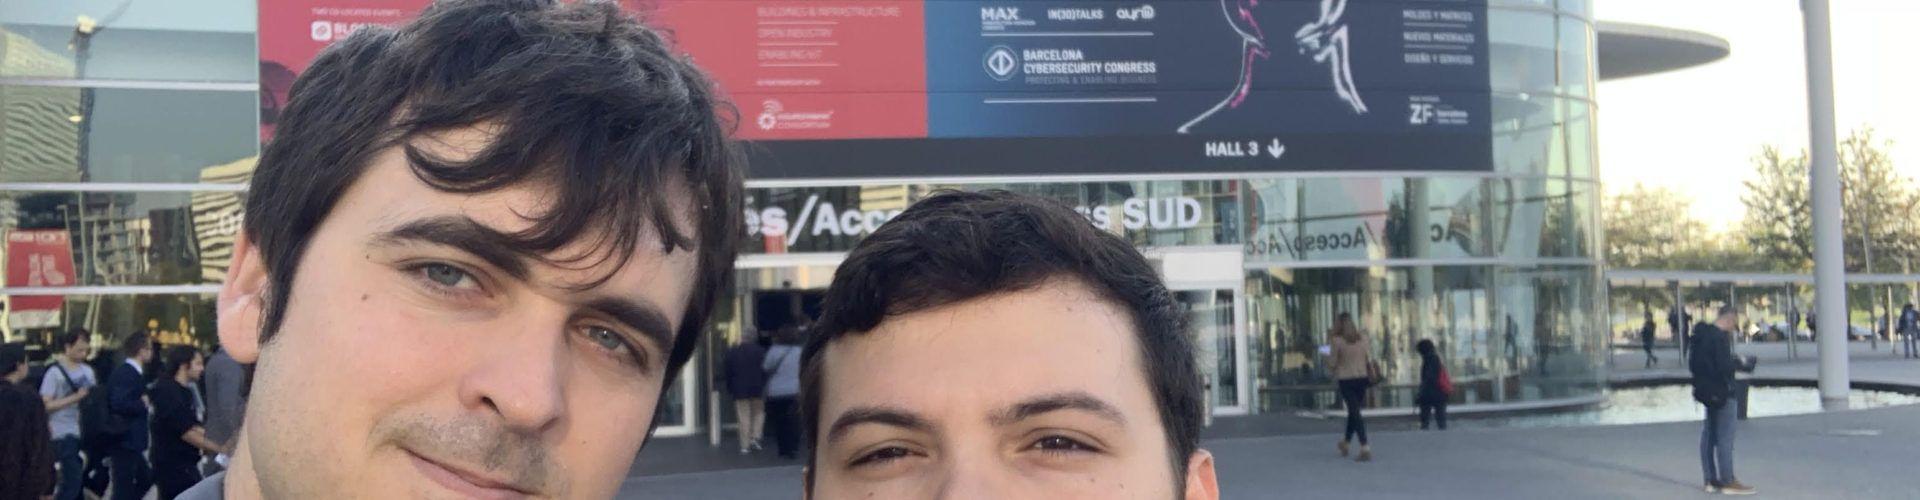 El vinarocense Ricky Pérez crea una app gratuita para ayudar en la crisis del coronavirus